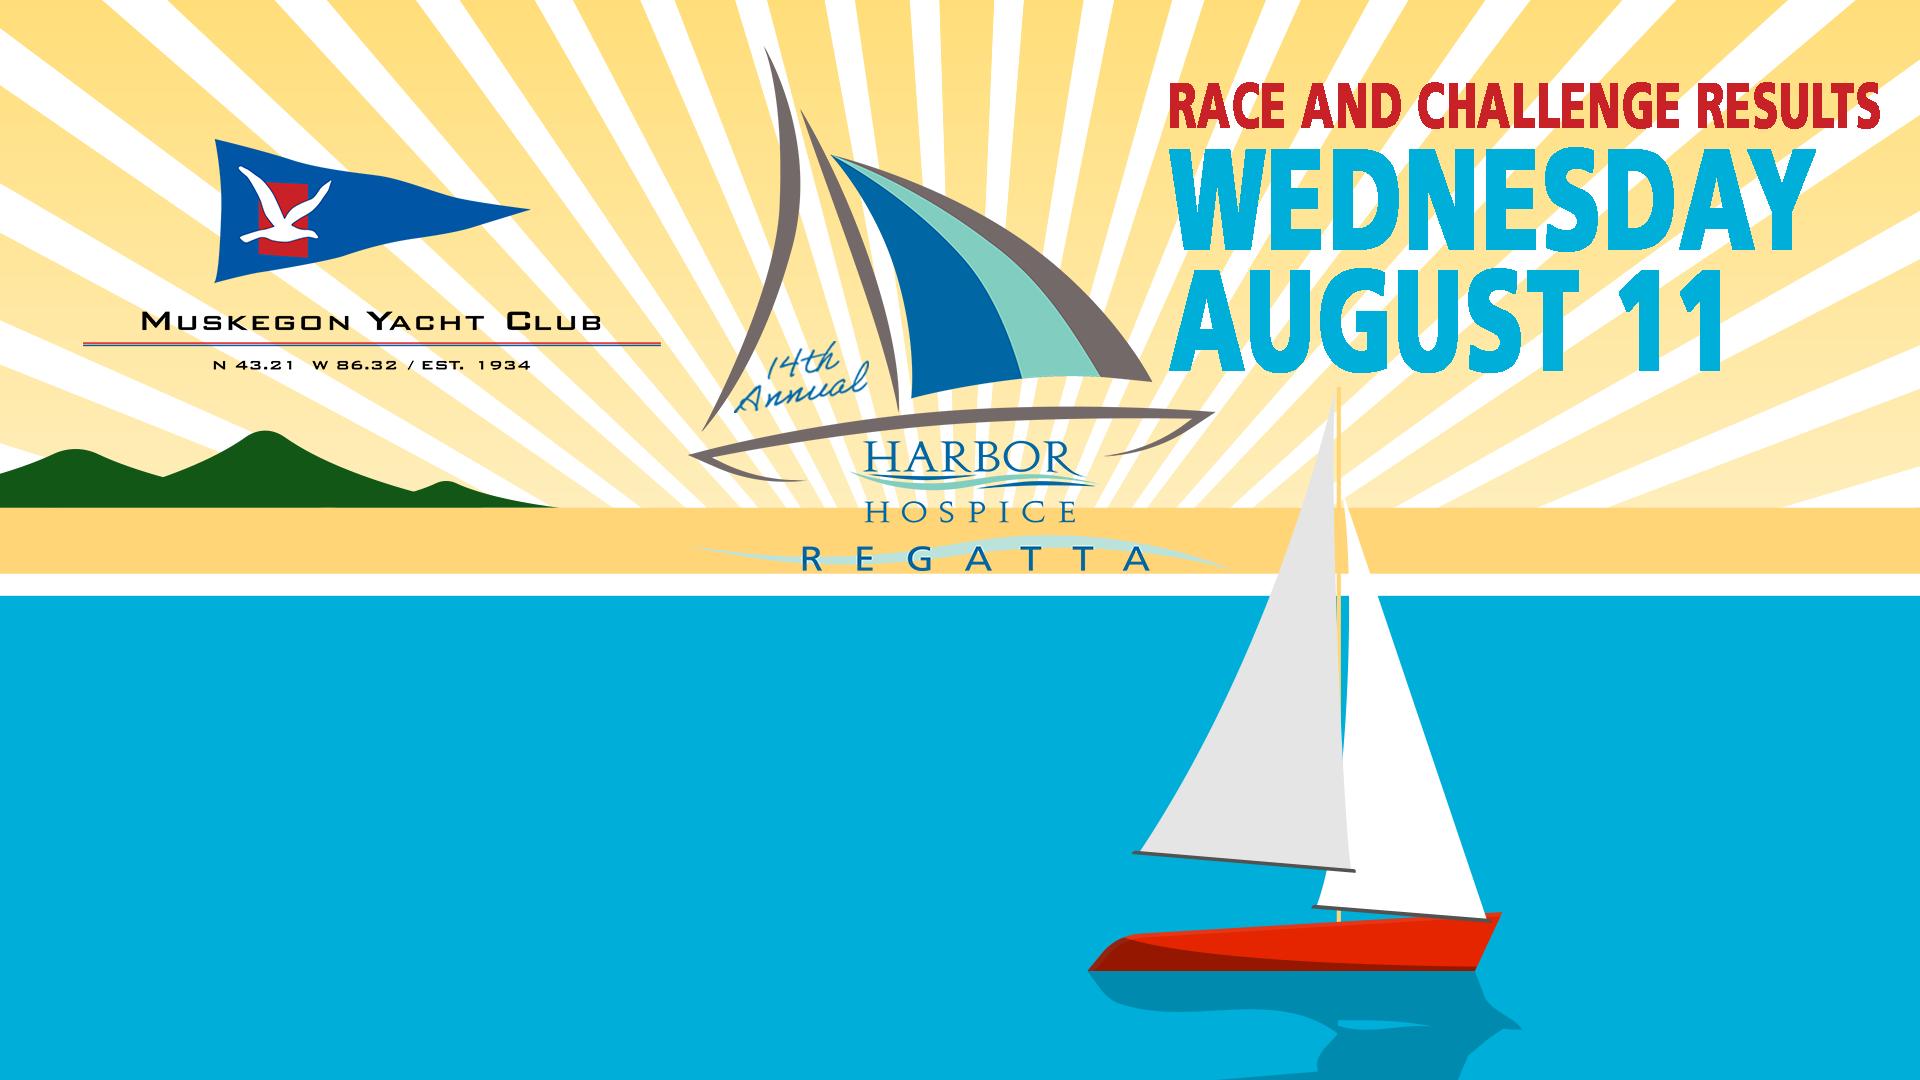 Event Header REGATTA - 14th Annual Regatta Race and Skipper-to-Skipper Challenge - benefiting the Harbor Hospice Foundation